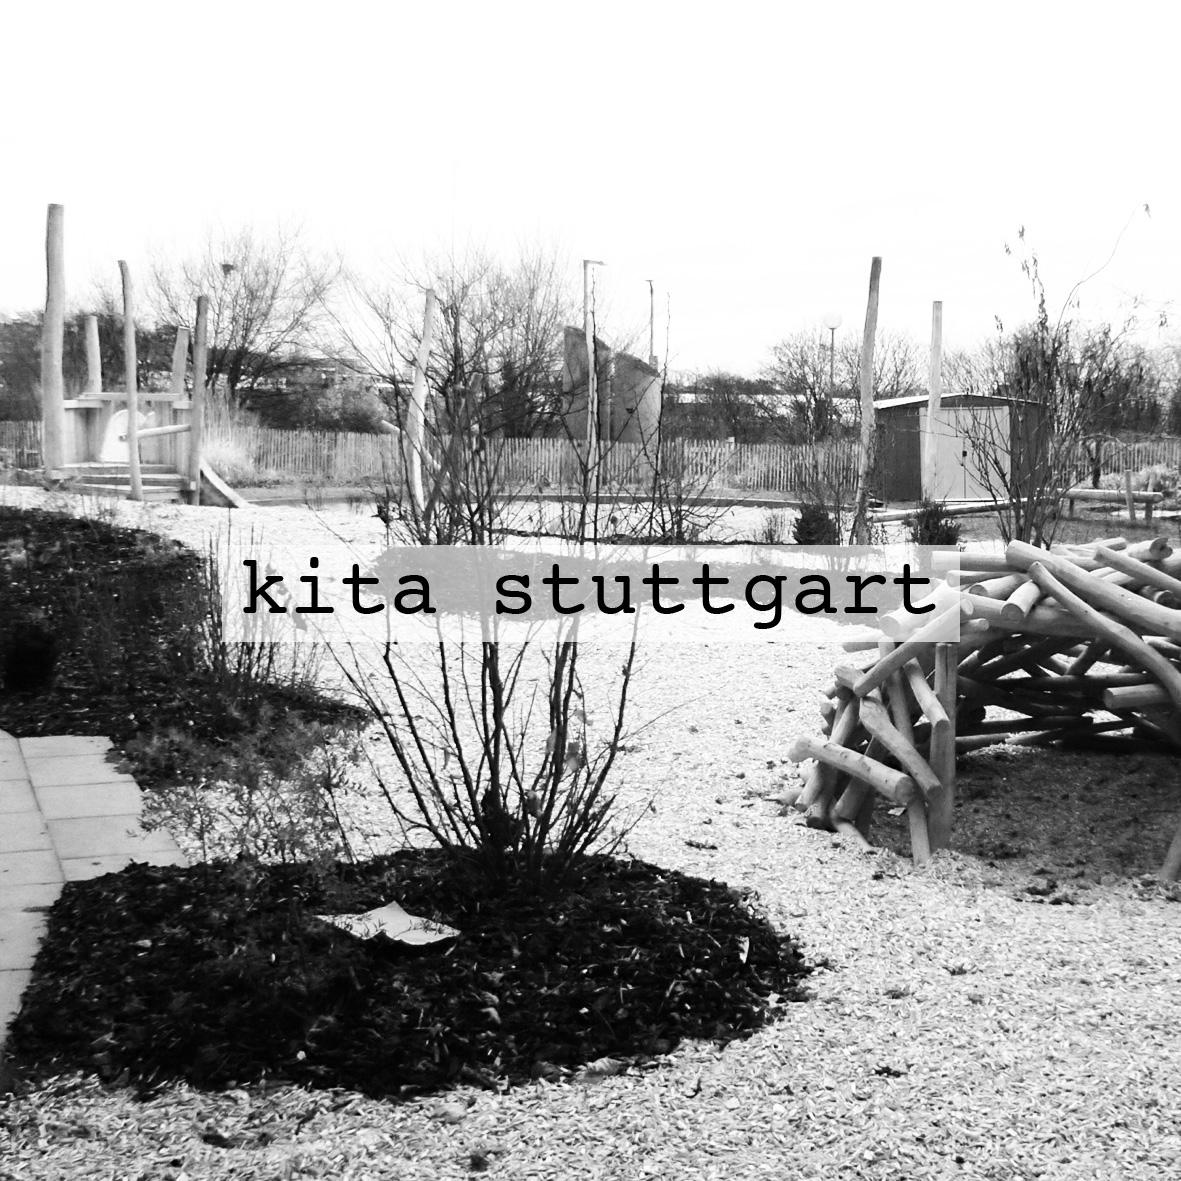 KITA Stuttgart